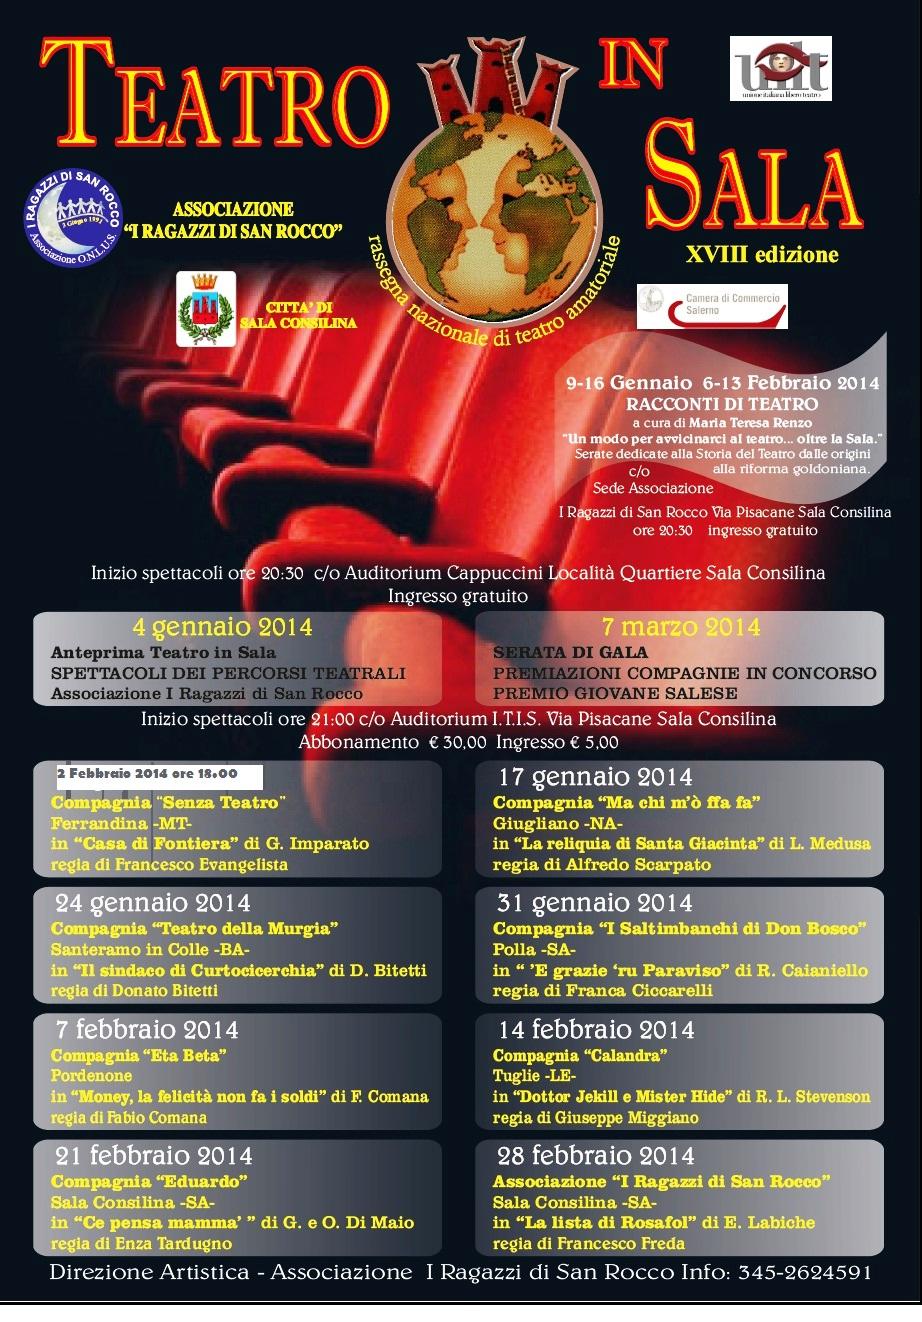 2 Febbraio 2014 – Casa di Frontiera al XVIII° Festival Teatro in Sala di Sala Consilina (SA)